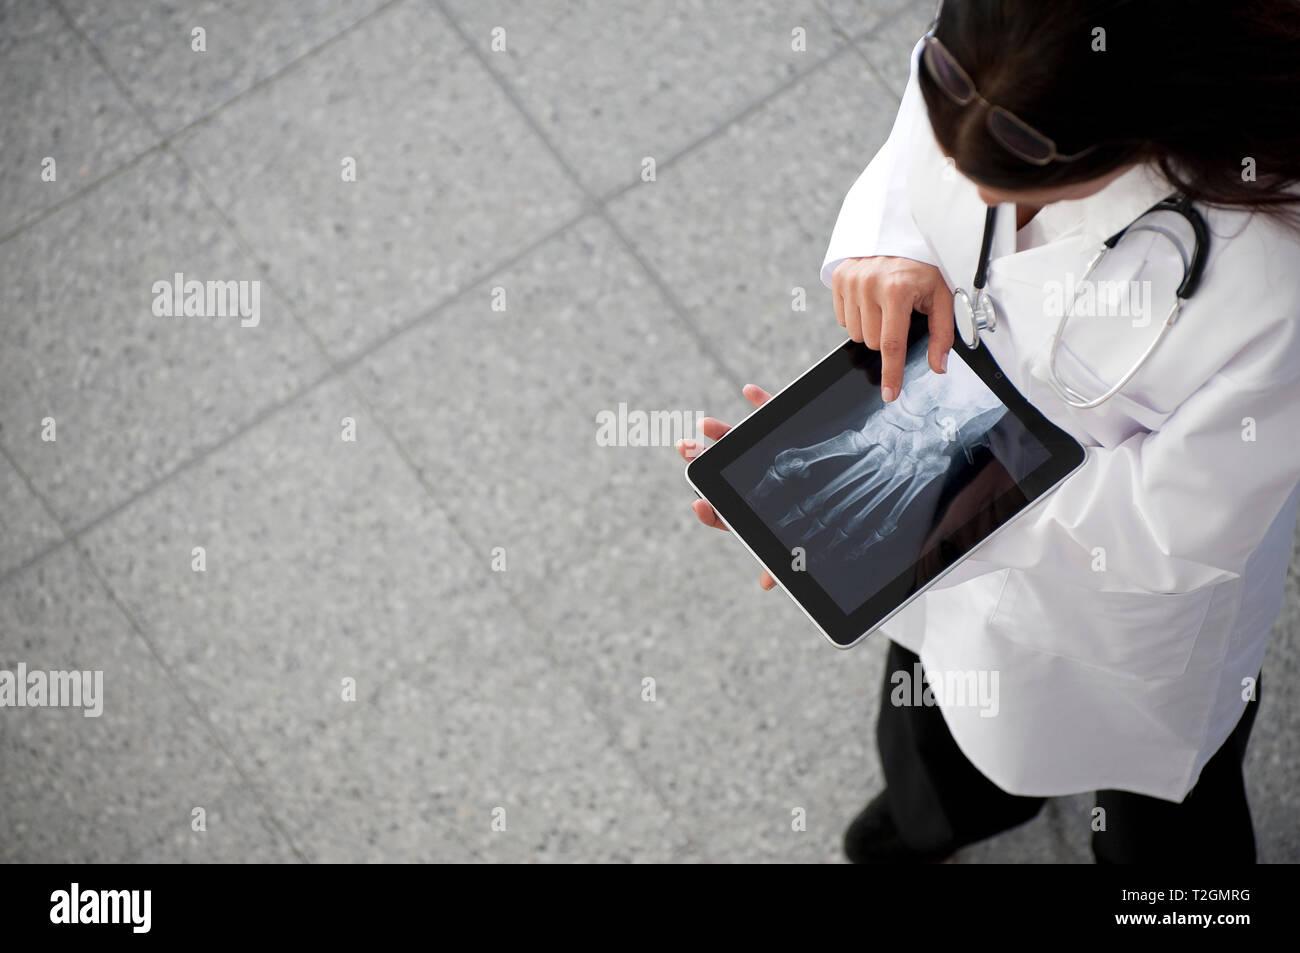 Ärztin suchen an x-ray auf dem ipad tablet Handheld Computer Stockbild